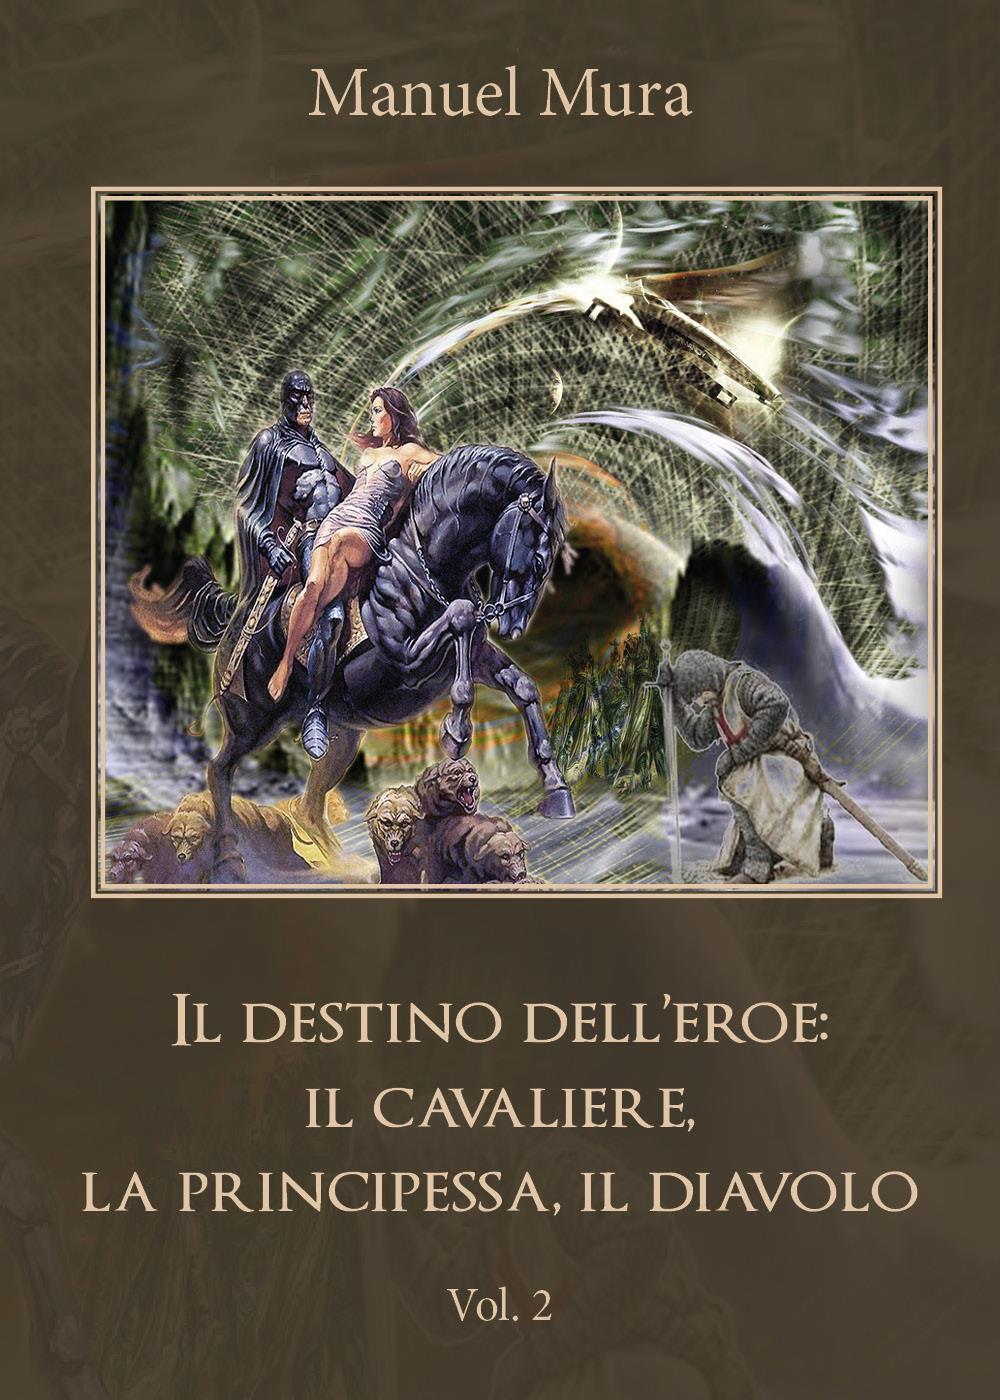 Il destino dell'eroe: il cavaliere, la principessa, il diavolo vol.2